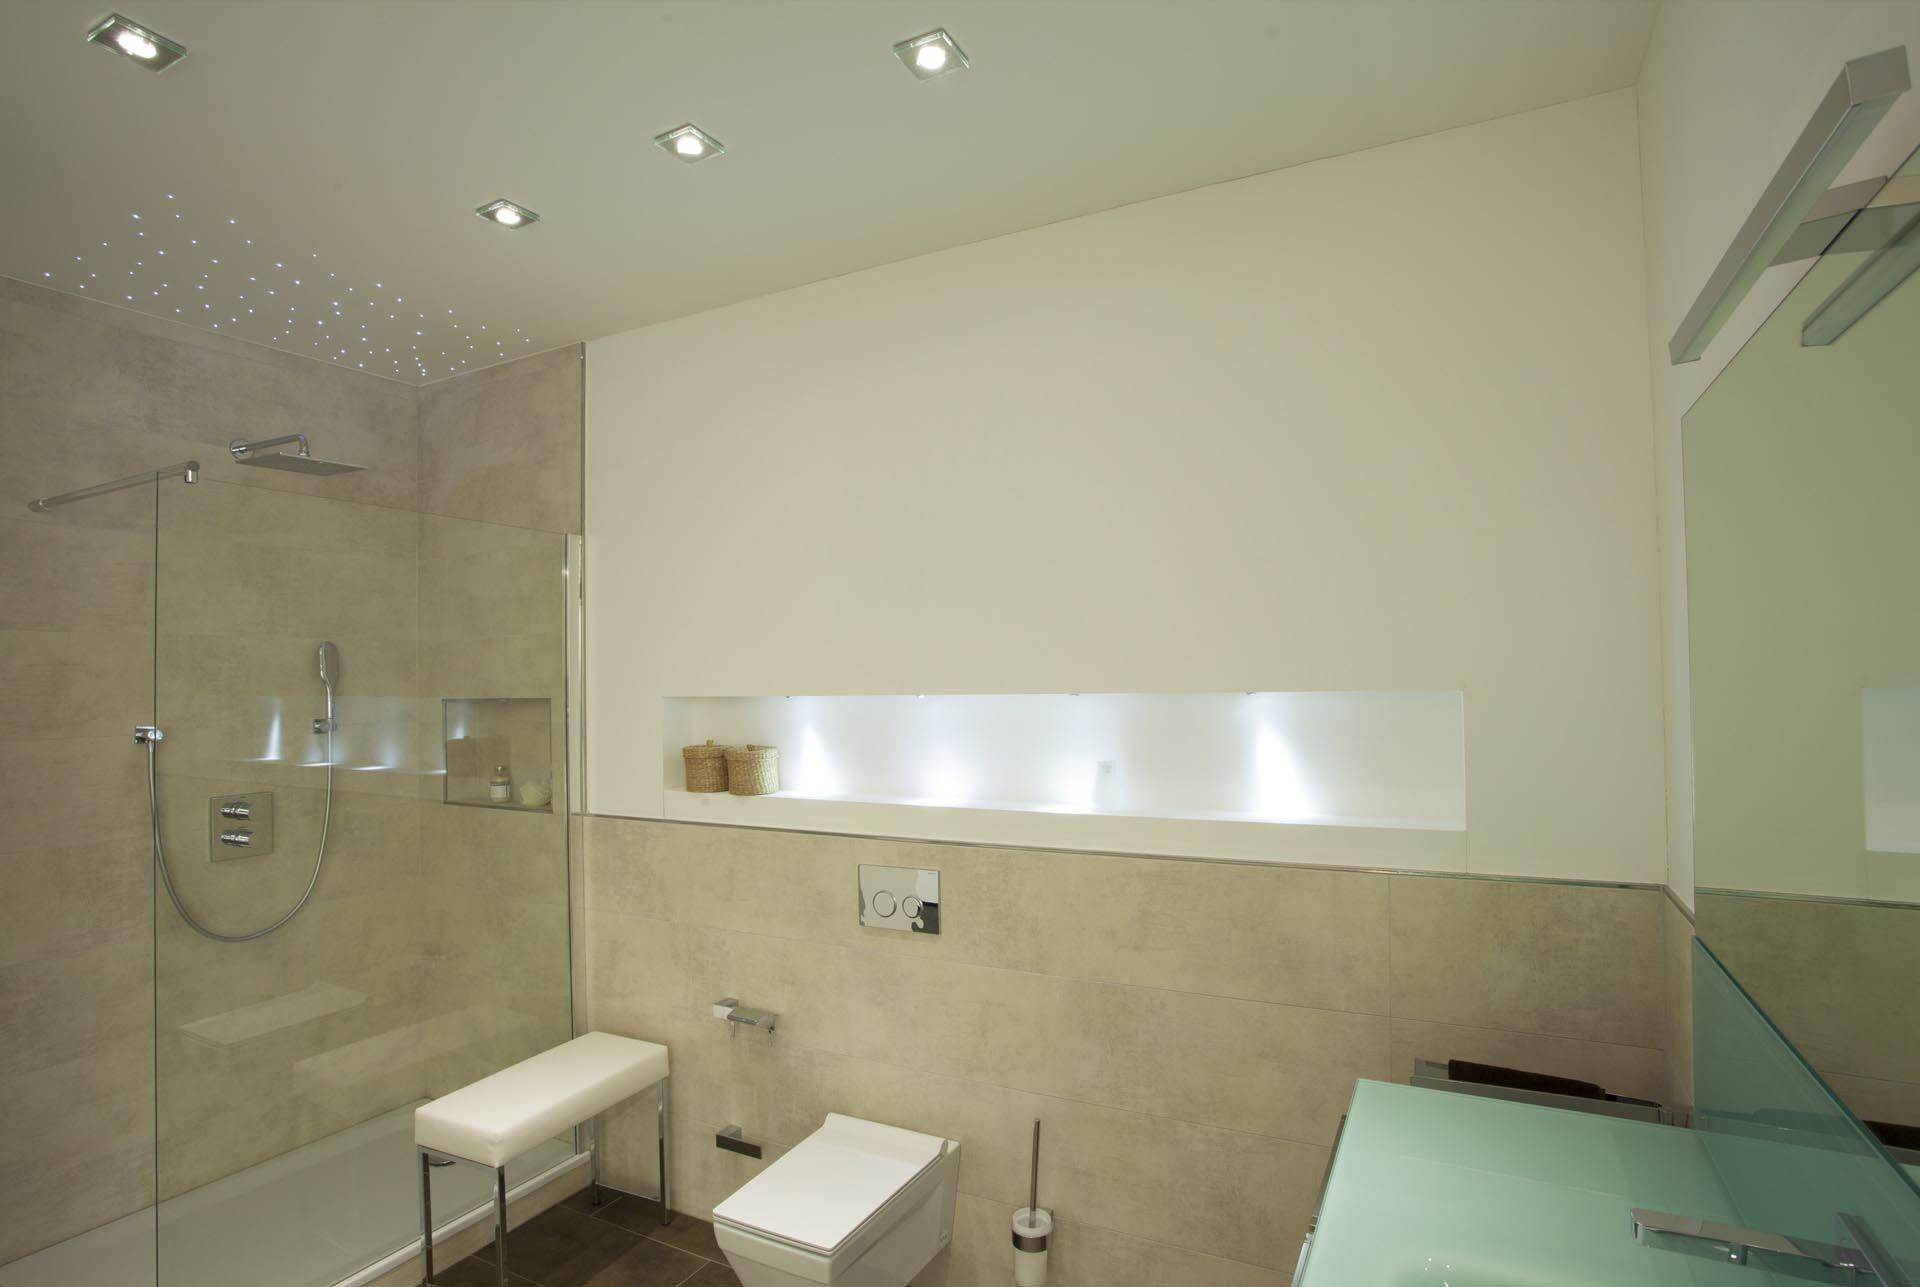 Bildergebnis für deckenspots bad  Badezimmer spiegelschrank